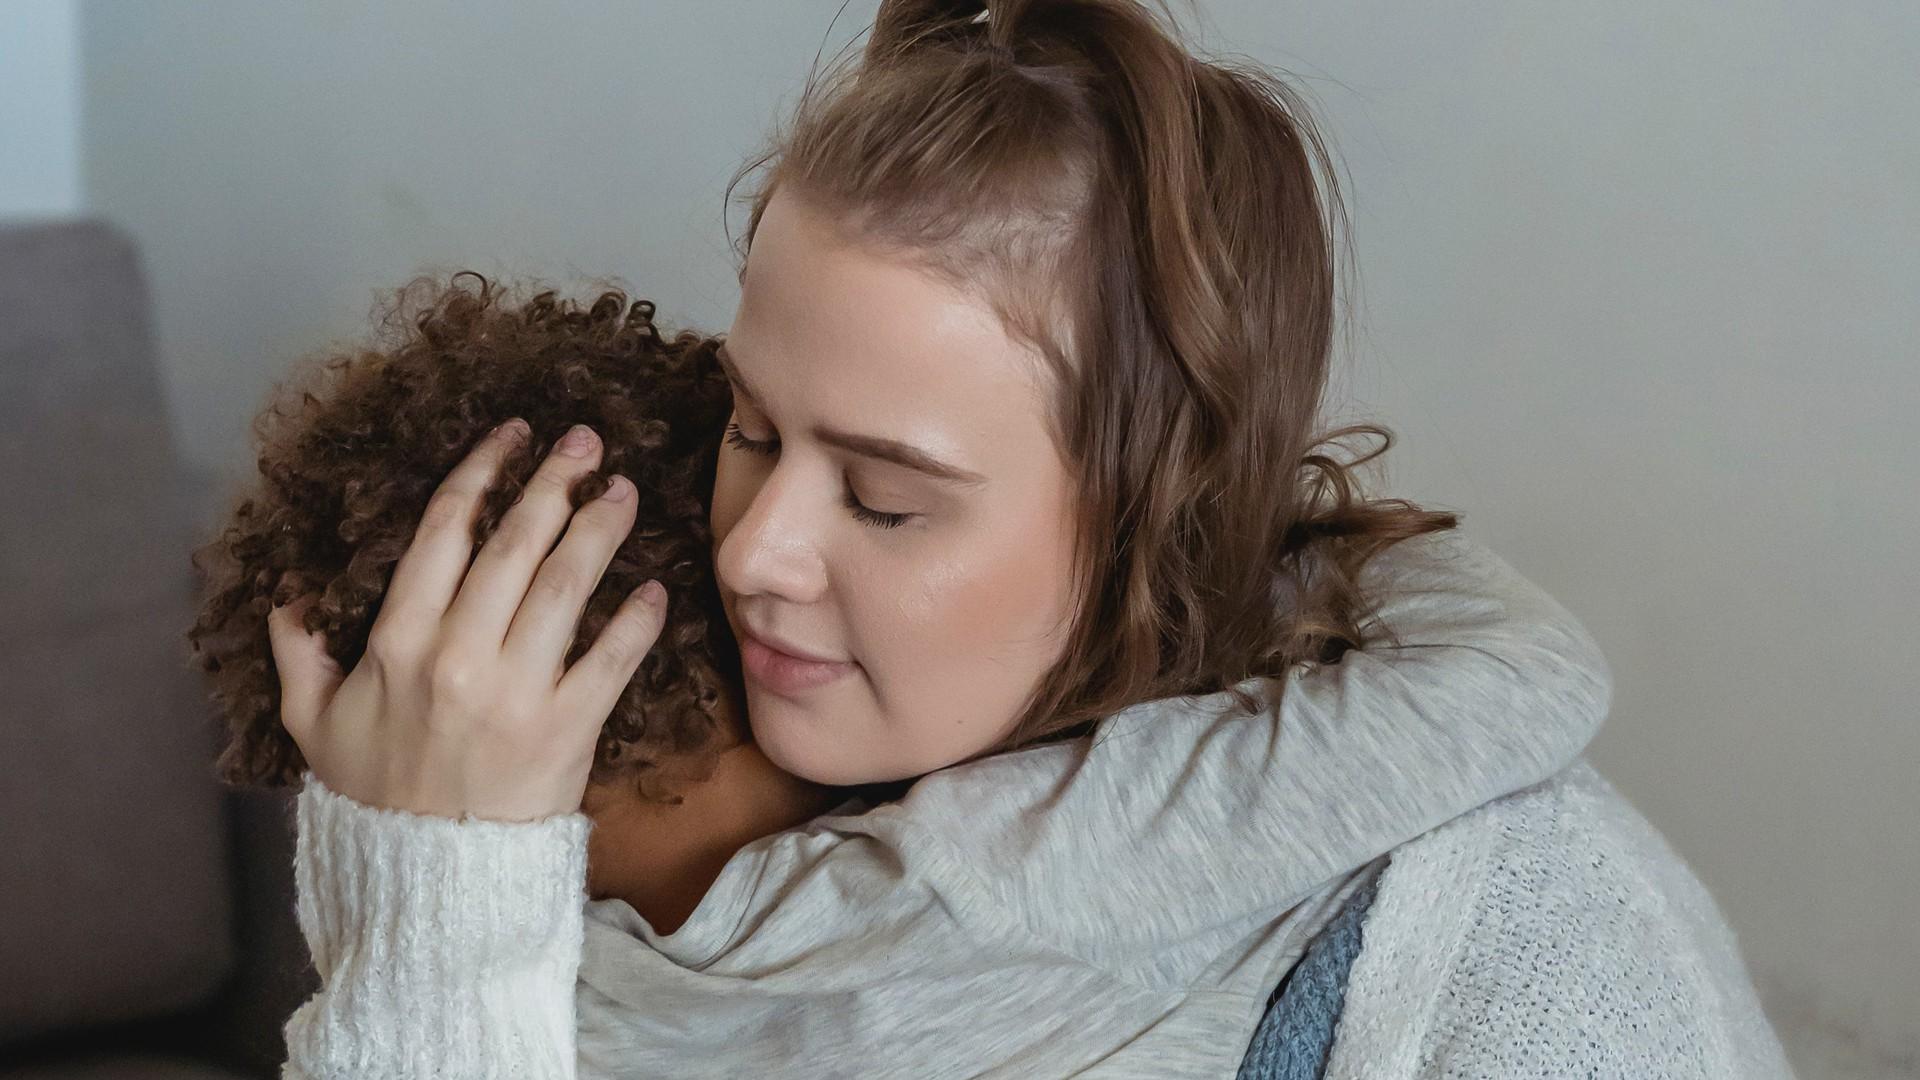 Mutter tröstet trauriges Kind